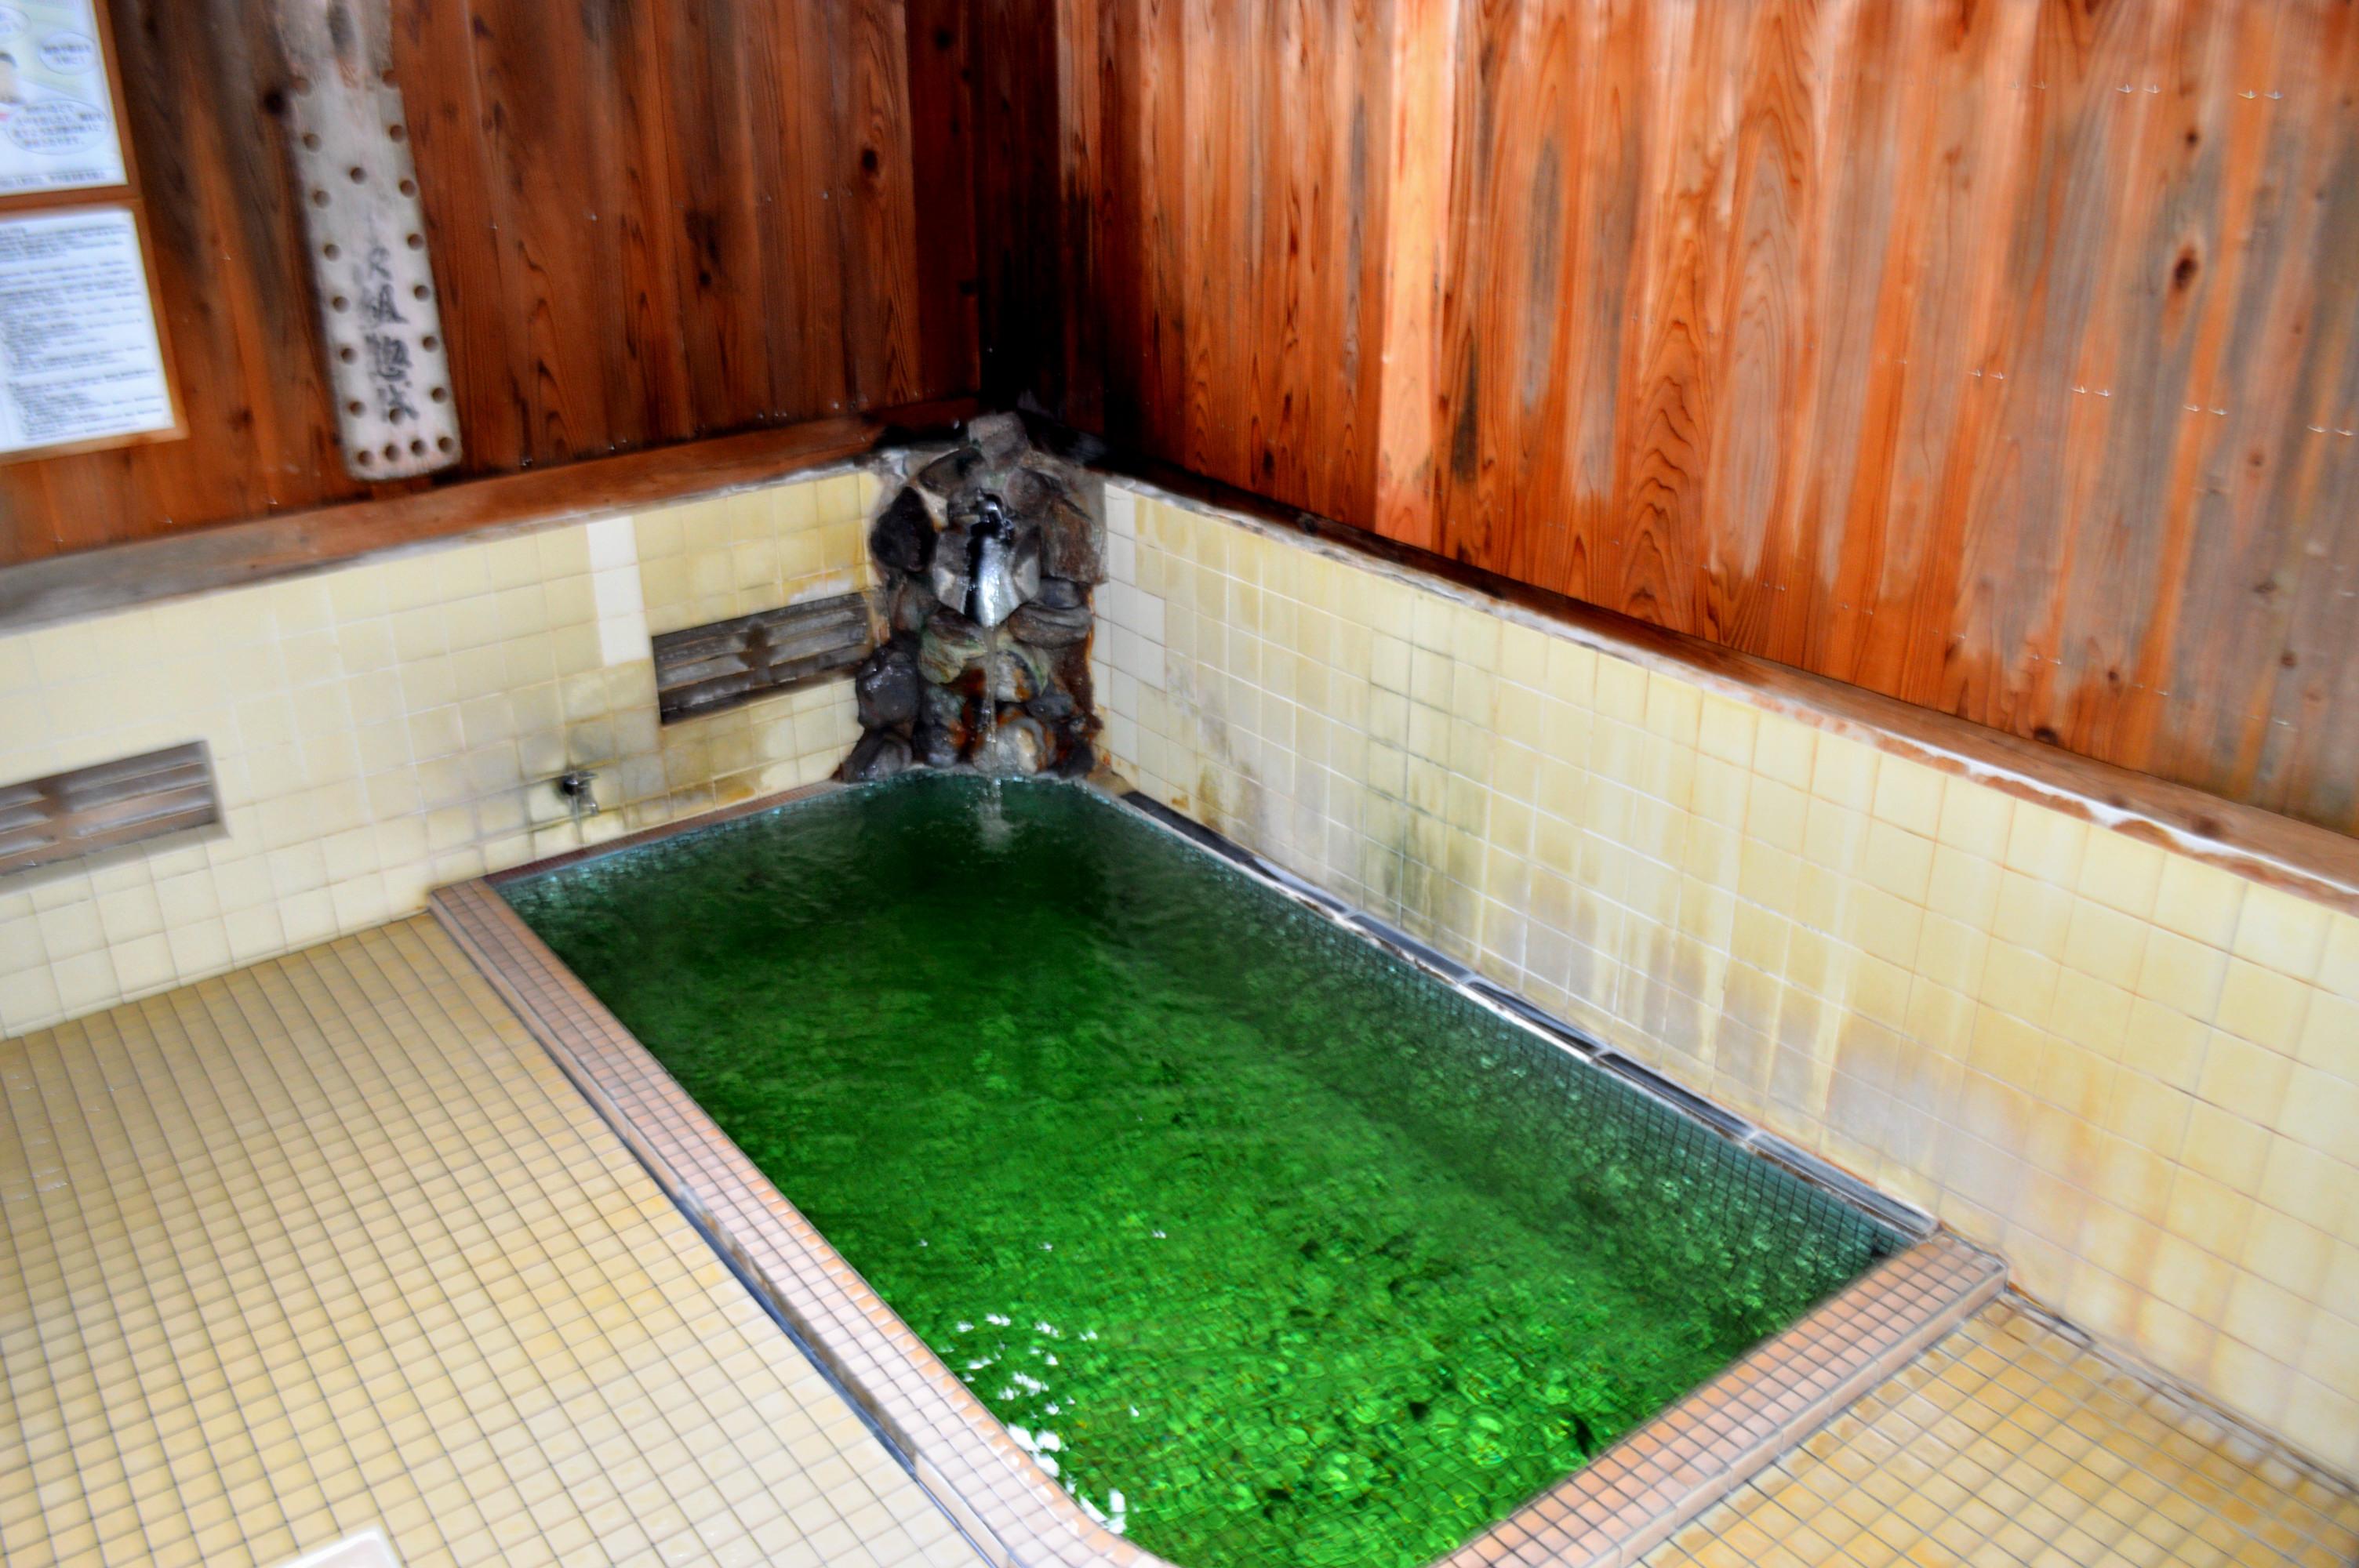 野沢温泉「滝の湯」のグリーンの温泉の写真